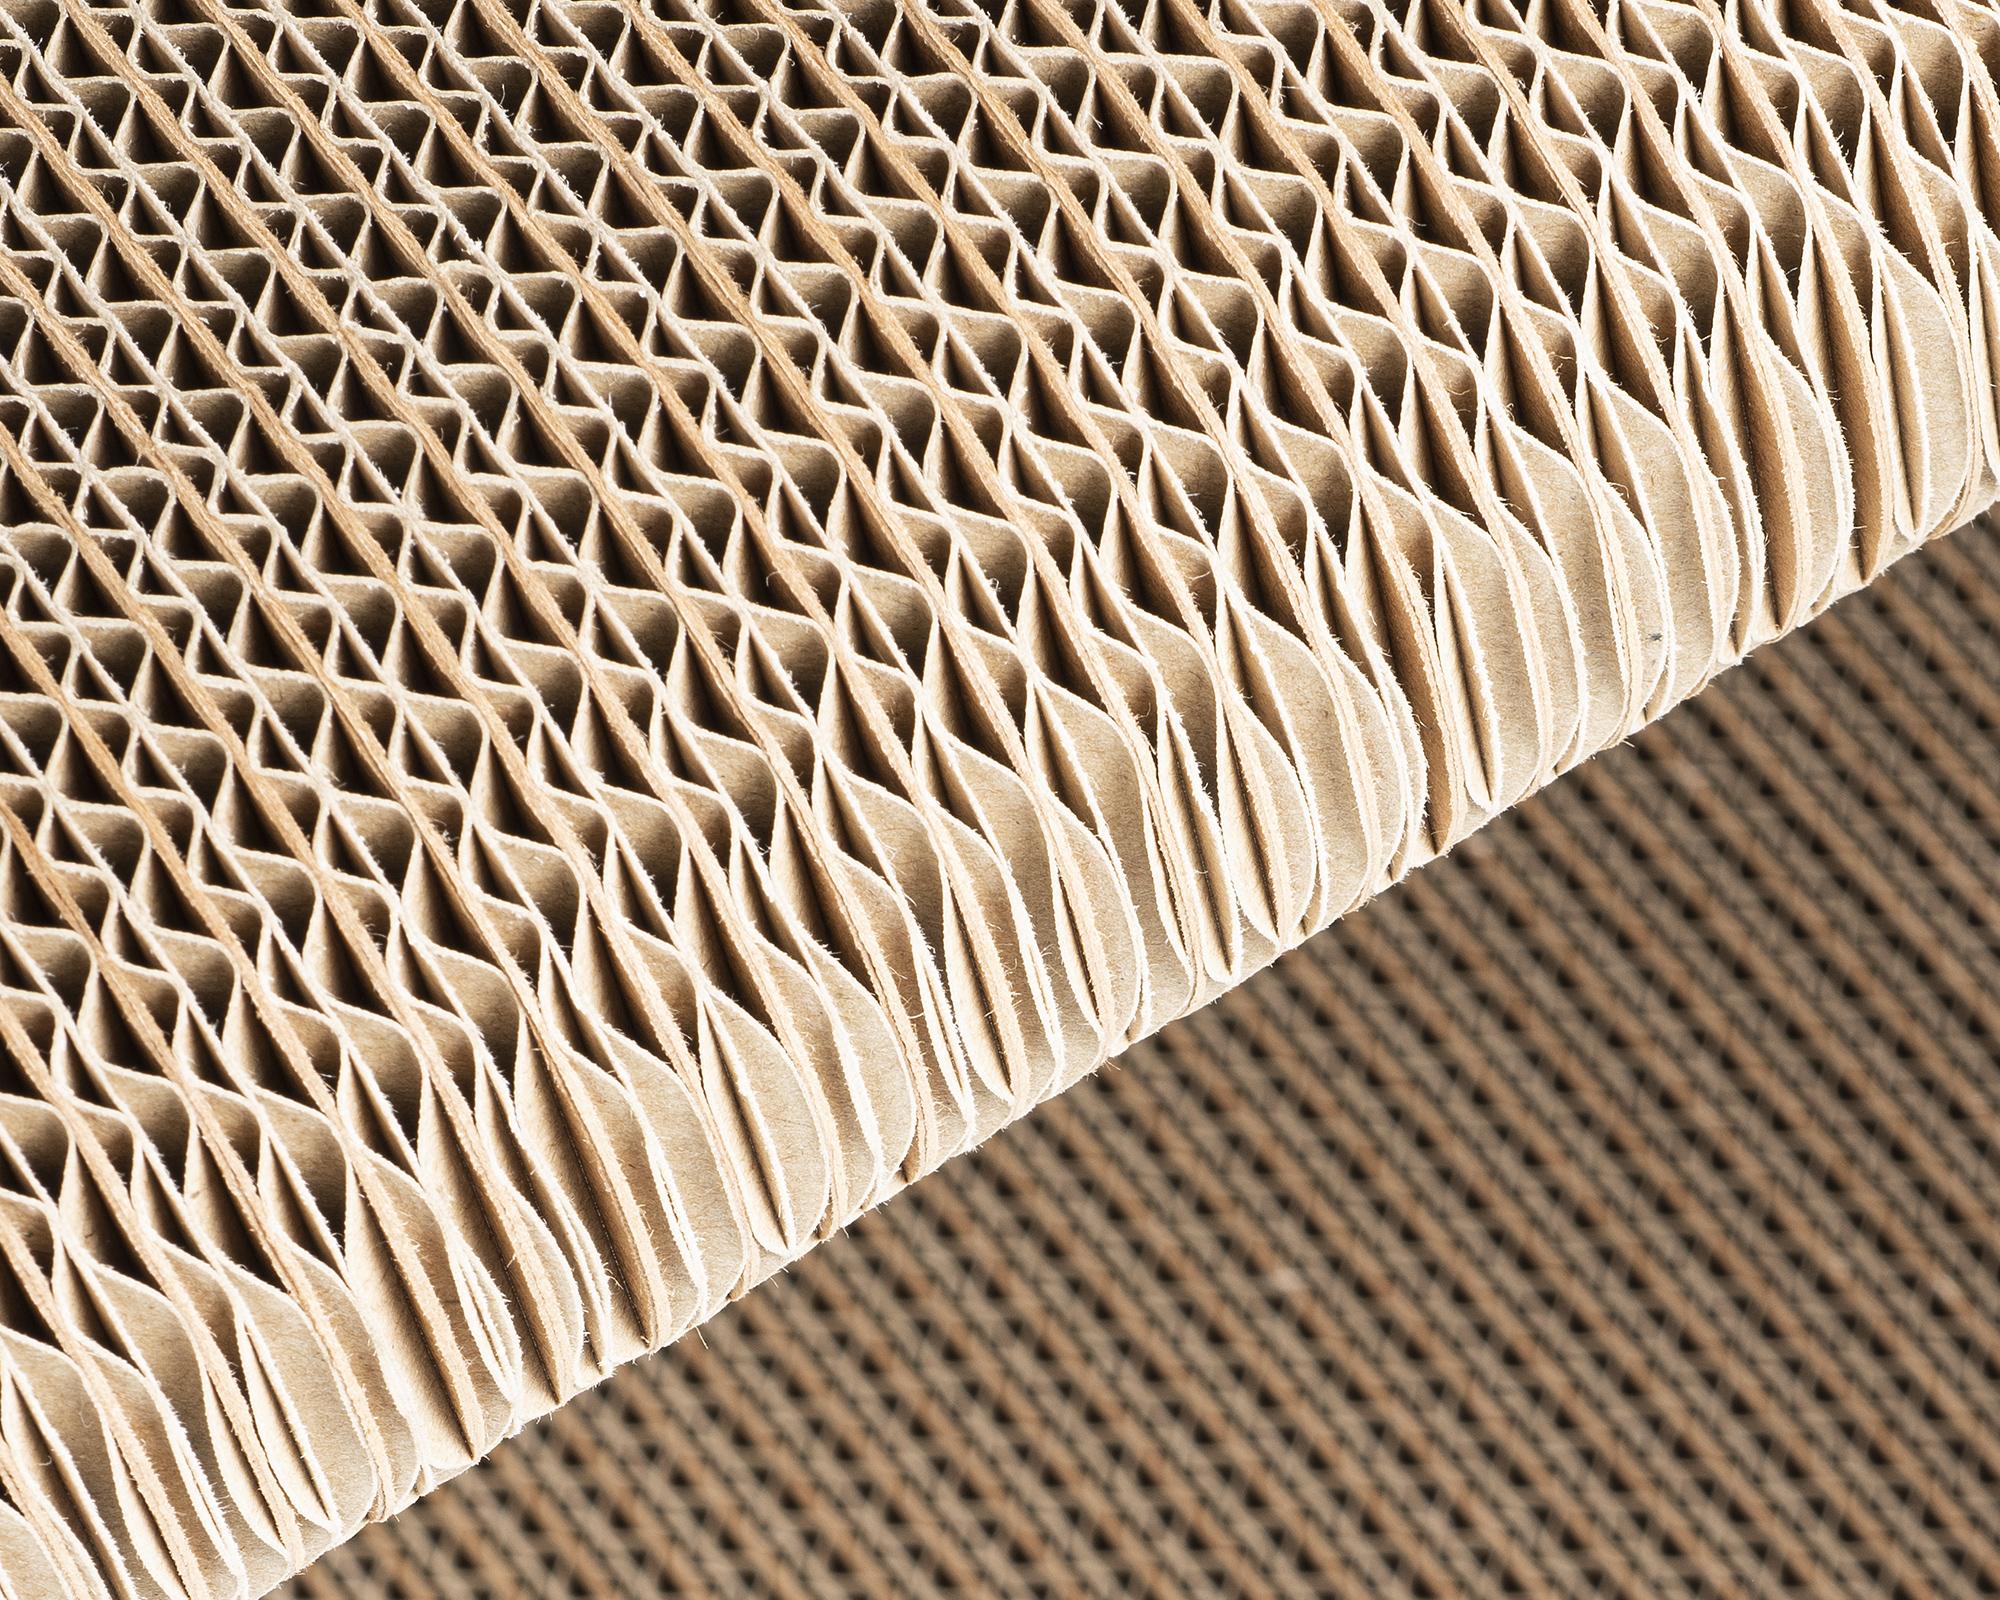 Meubles à gratter de haute qualité en carton ondulé robuste certifié FSC avec de longues fibres de bois frais